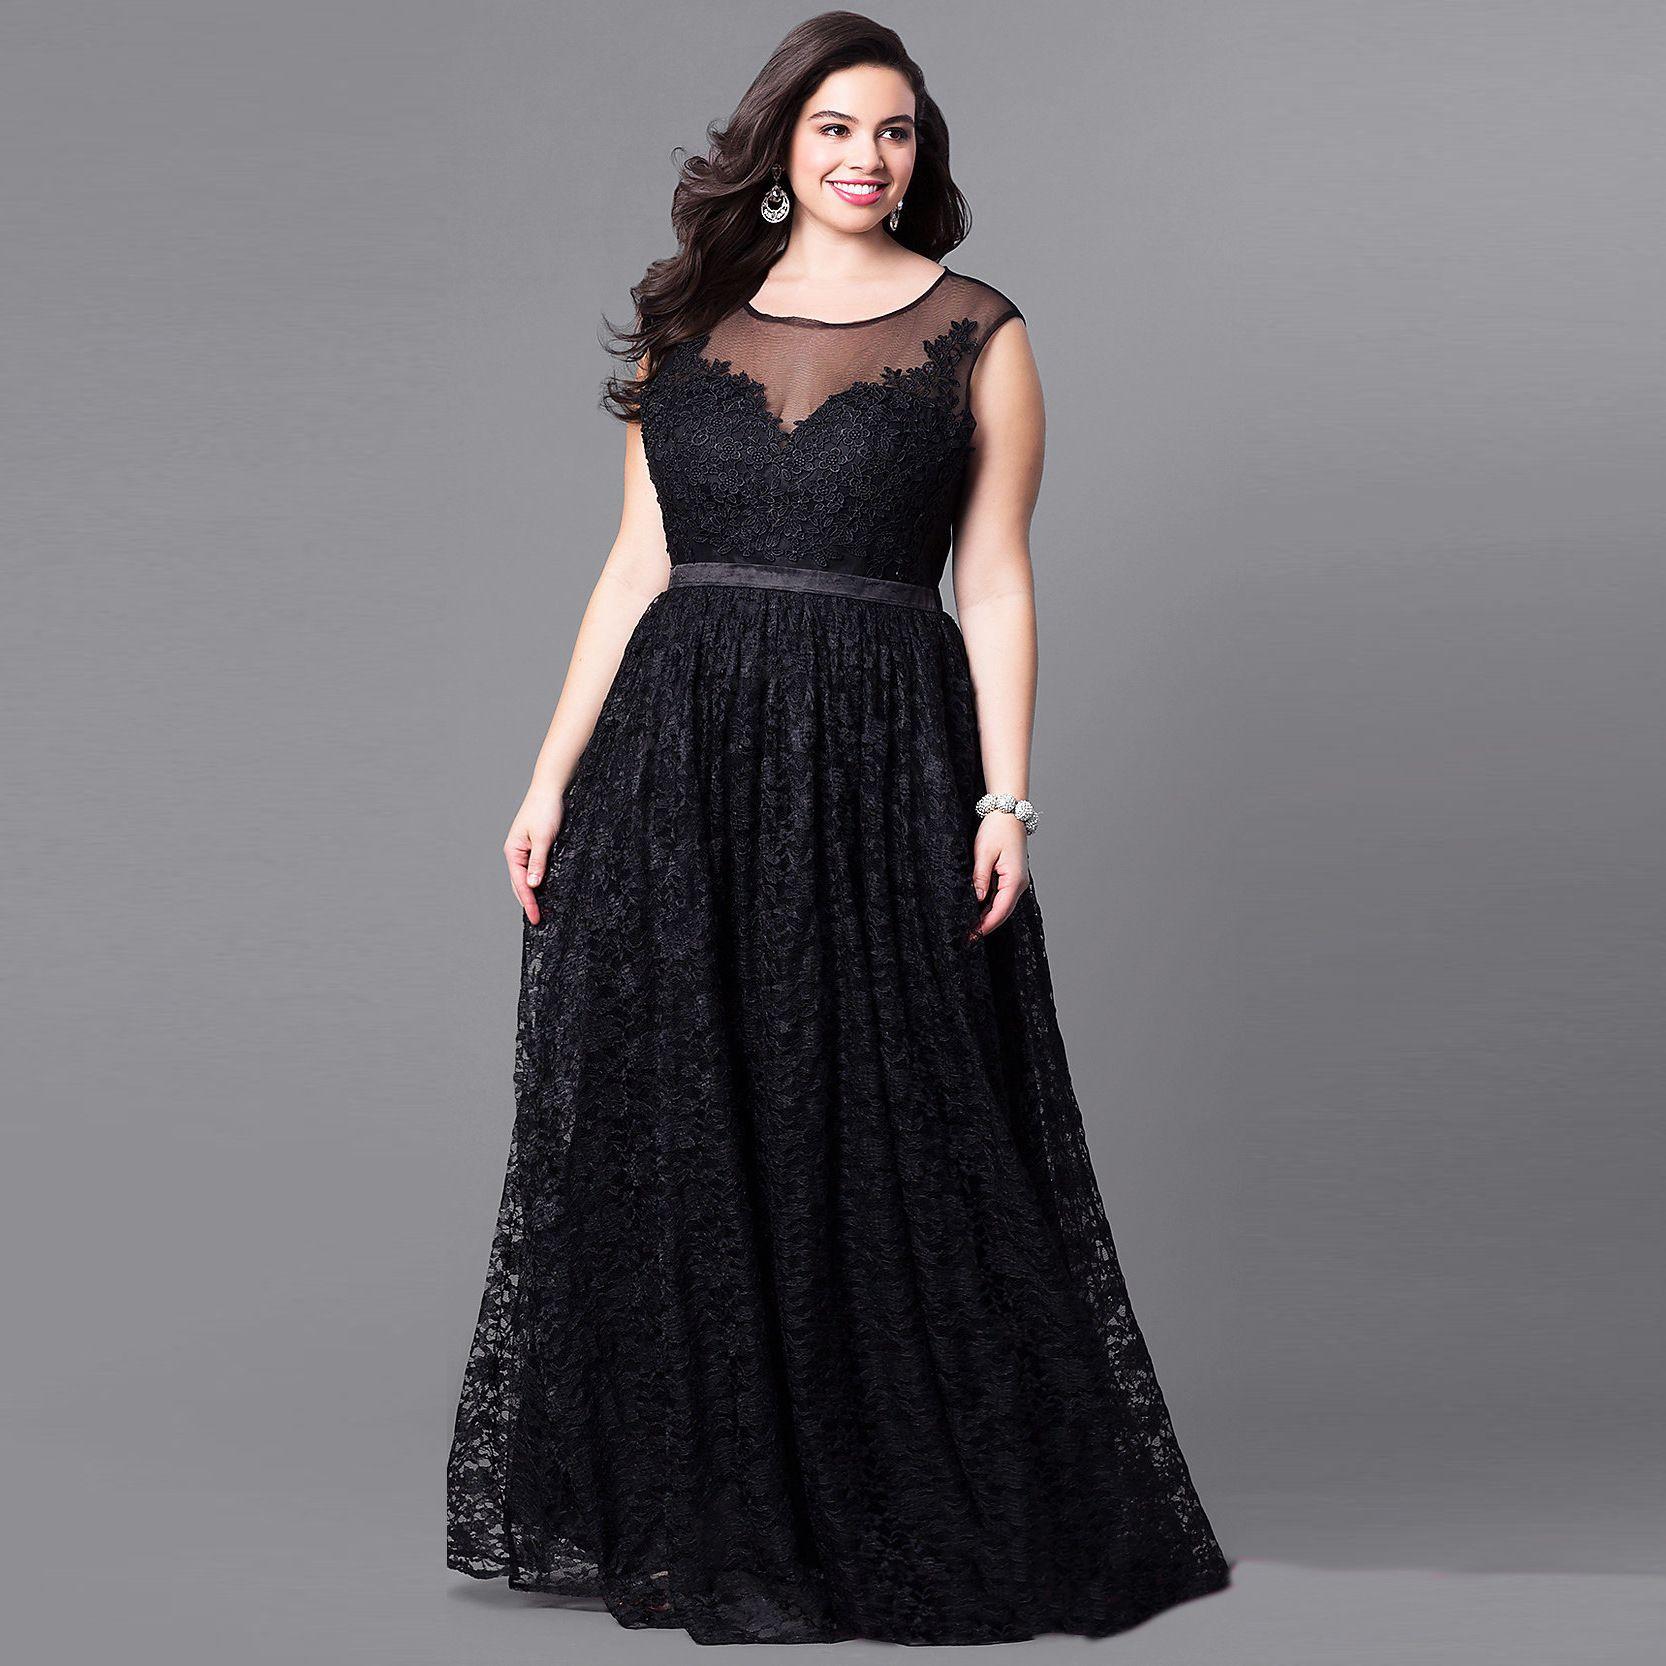 Großhandel Plus Size Frau Vintage Kleid Schwarz Ärmellos Langes Abendkleid  17 Große Größe Aushöhlen Maxi Spitze Mesh Vestidos Elegant AF17 Von